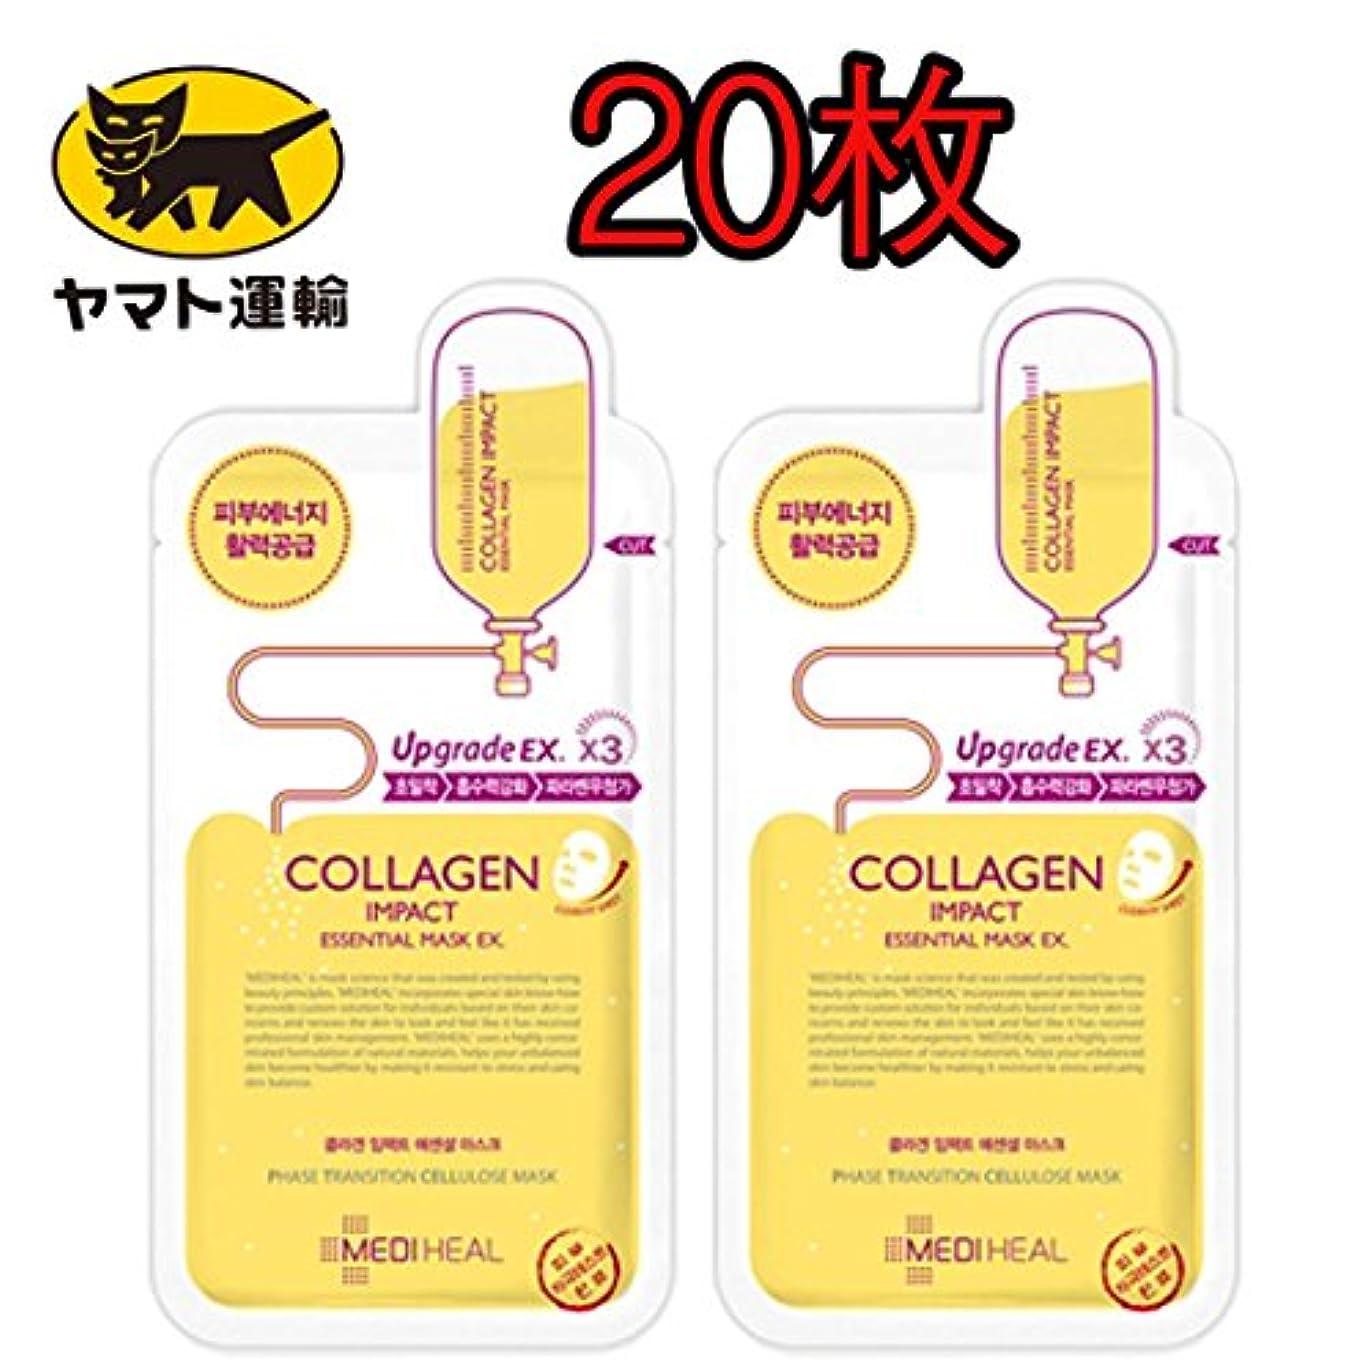 アリーナ拮抗する船形メディヒール [韓国コスメ Mediheal] Upgrade コラーゲンインパクト エッセンシャルマスクREX (20枚)皮膚エネルギー/活力供給. Upgrade Collagen Impact Essential...